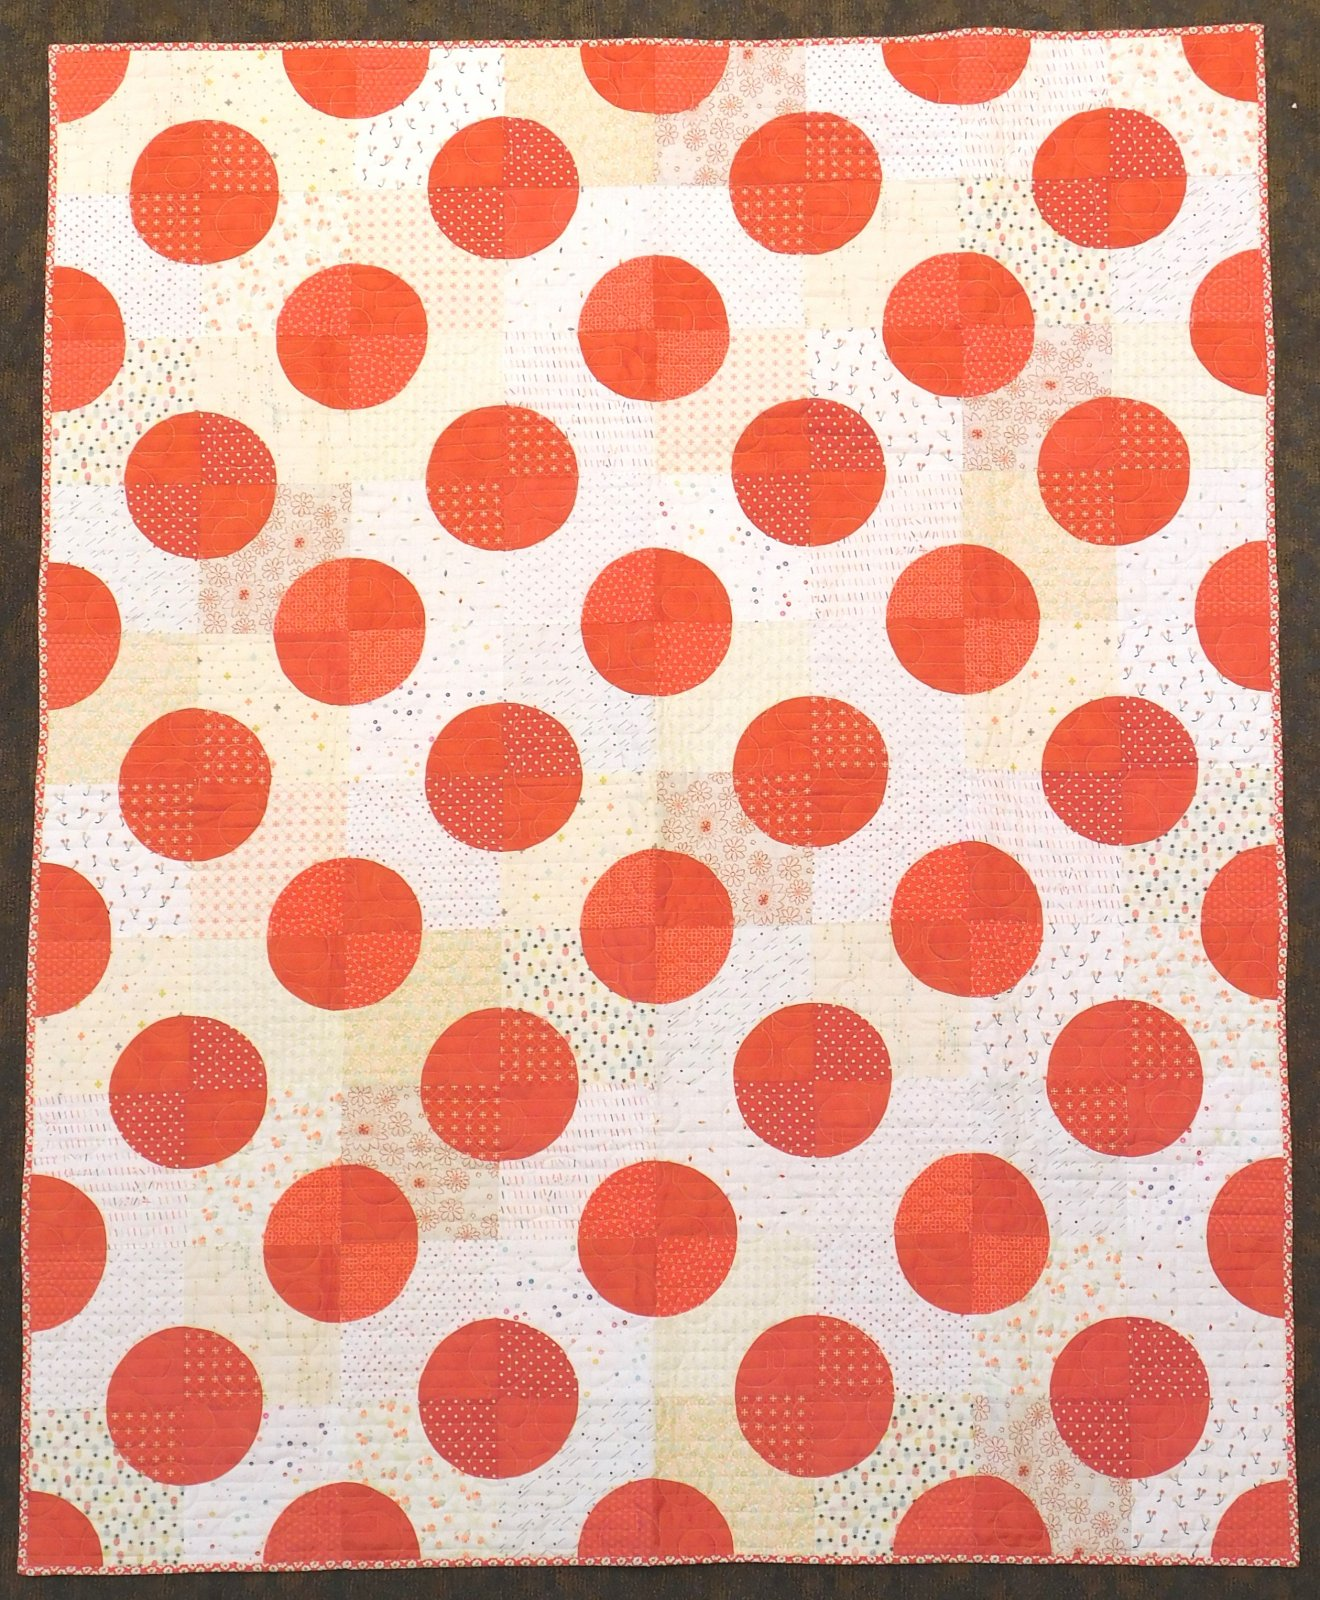 Dot Dot Dot Quilt Kit 56 1/2 x 70 1/2